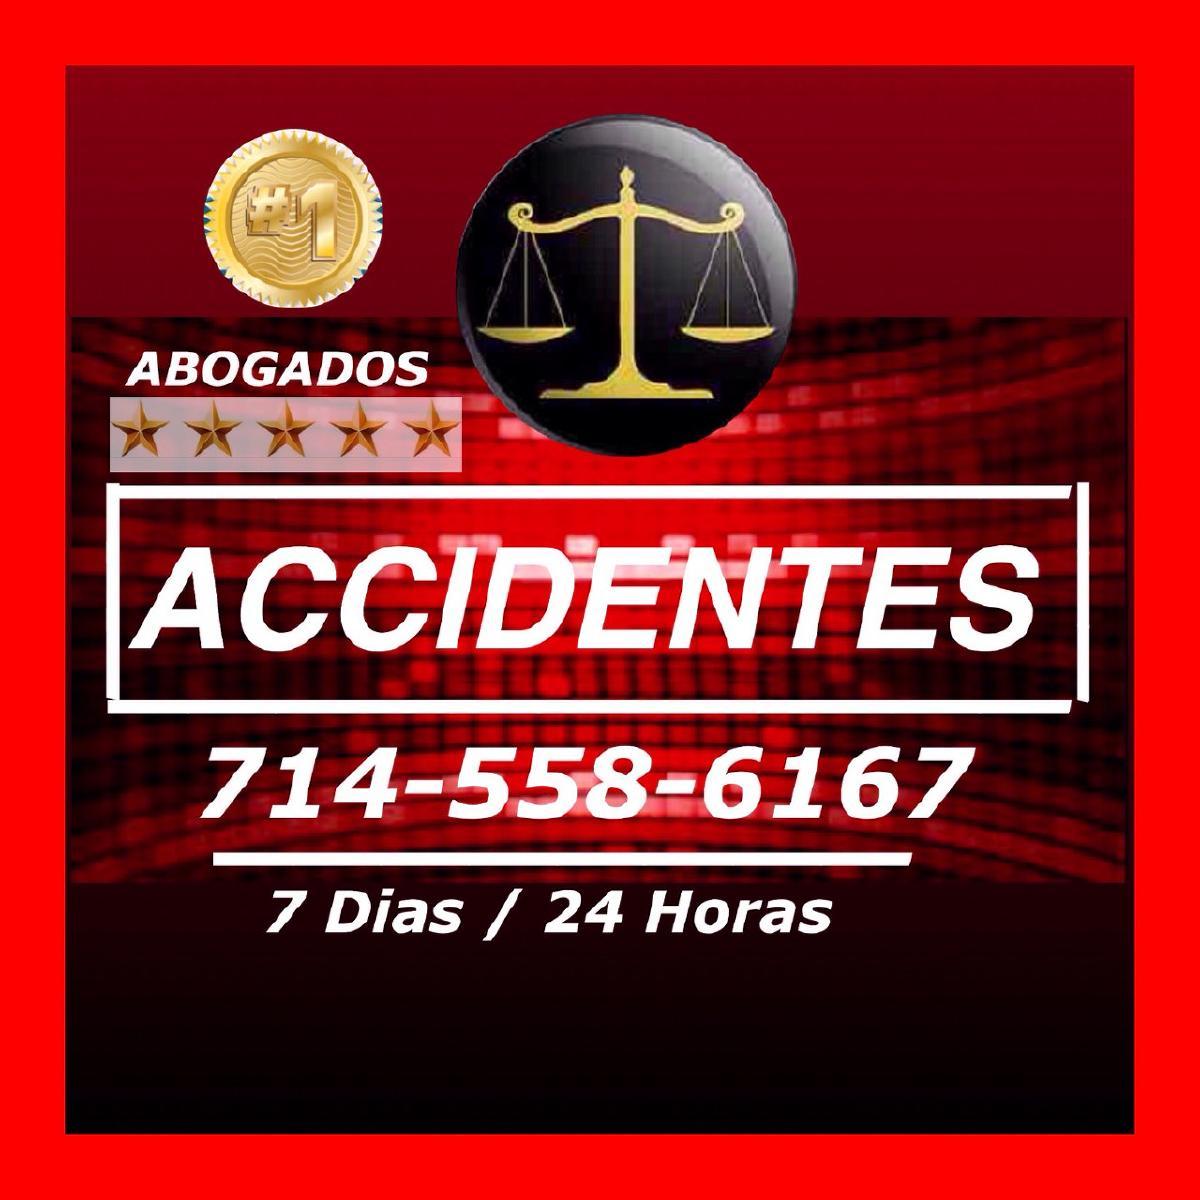 ACCIDENTES DE AUTO / CAR ACCIDENTS